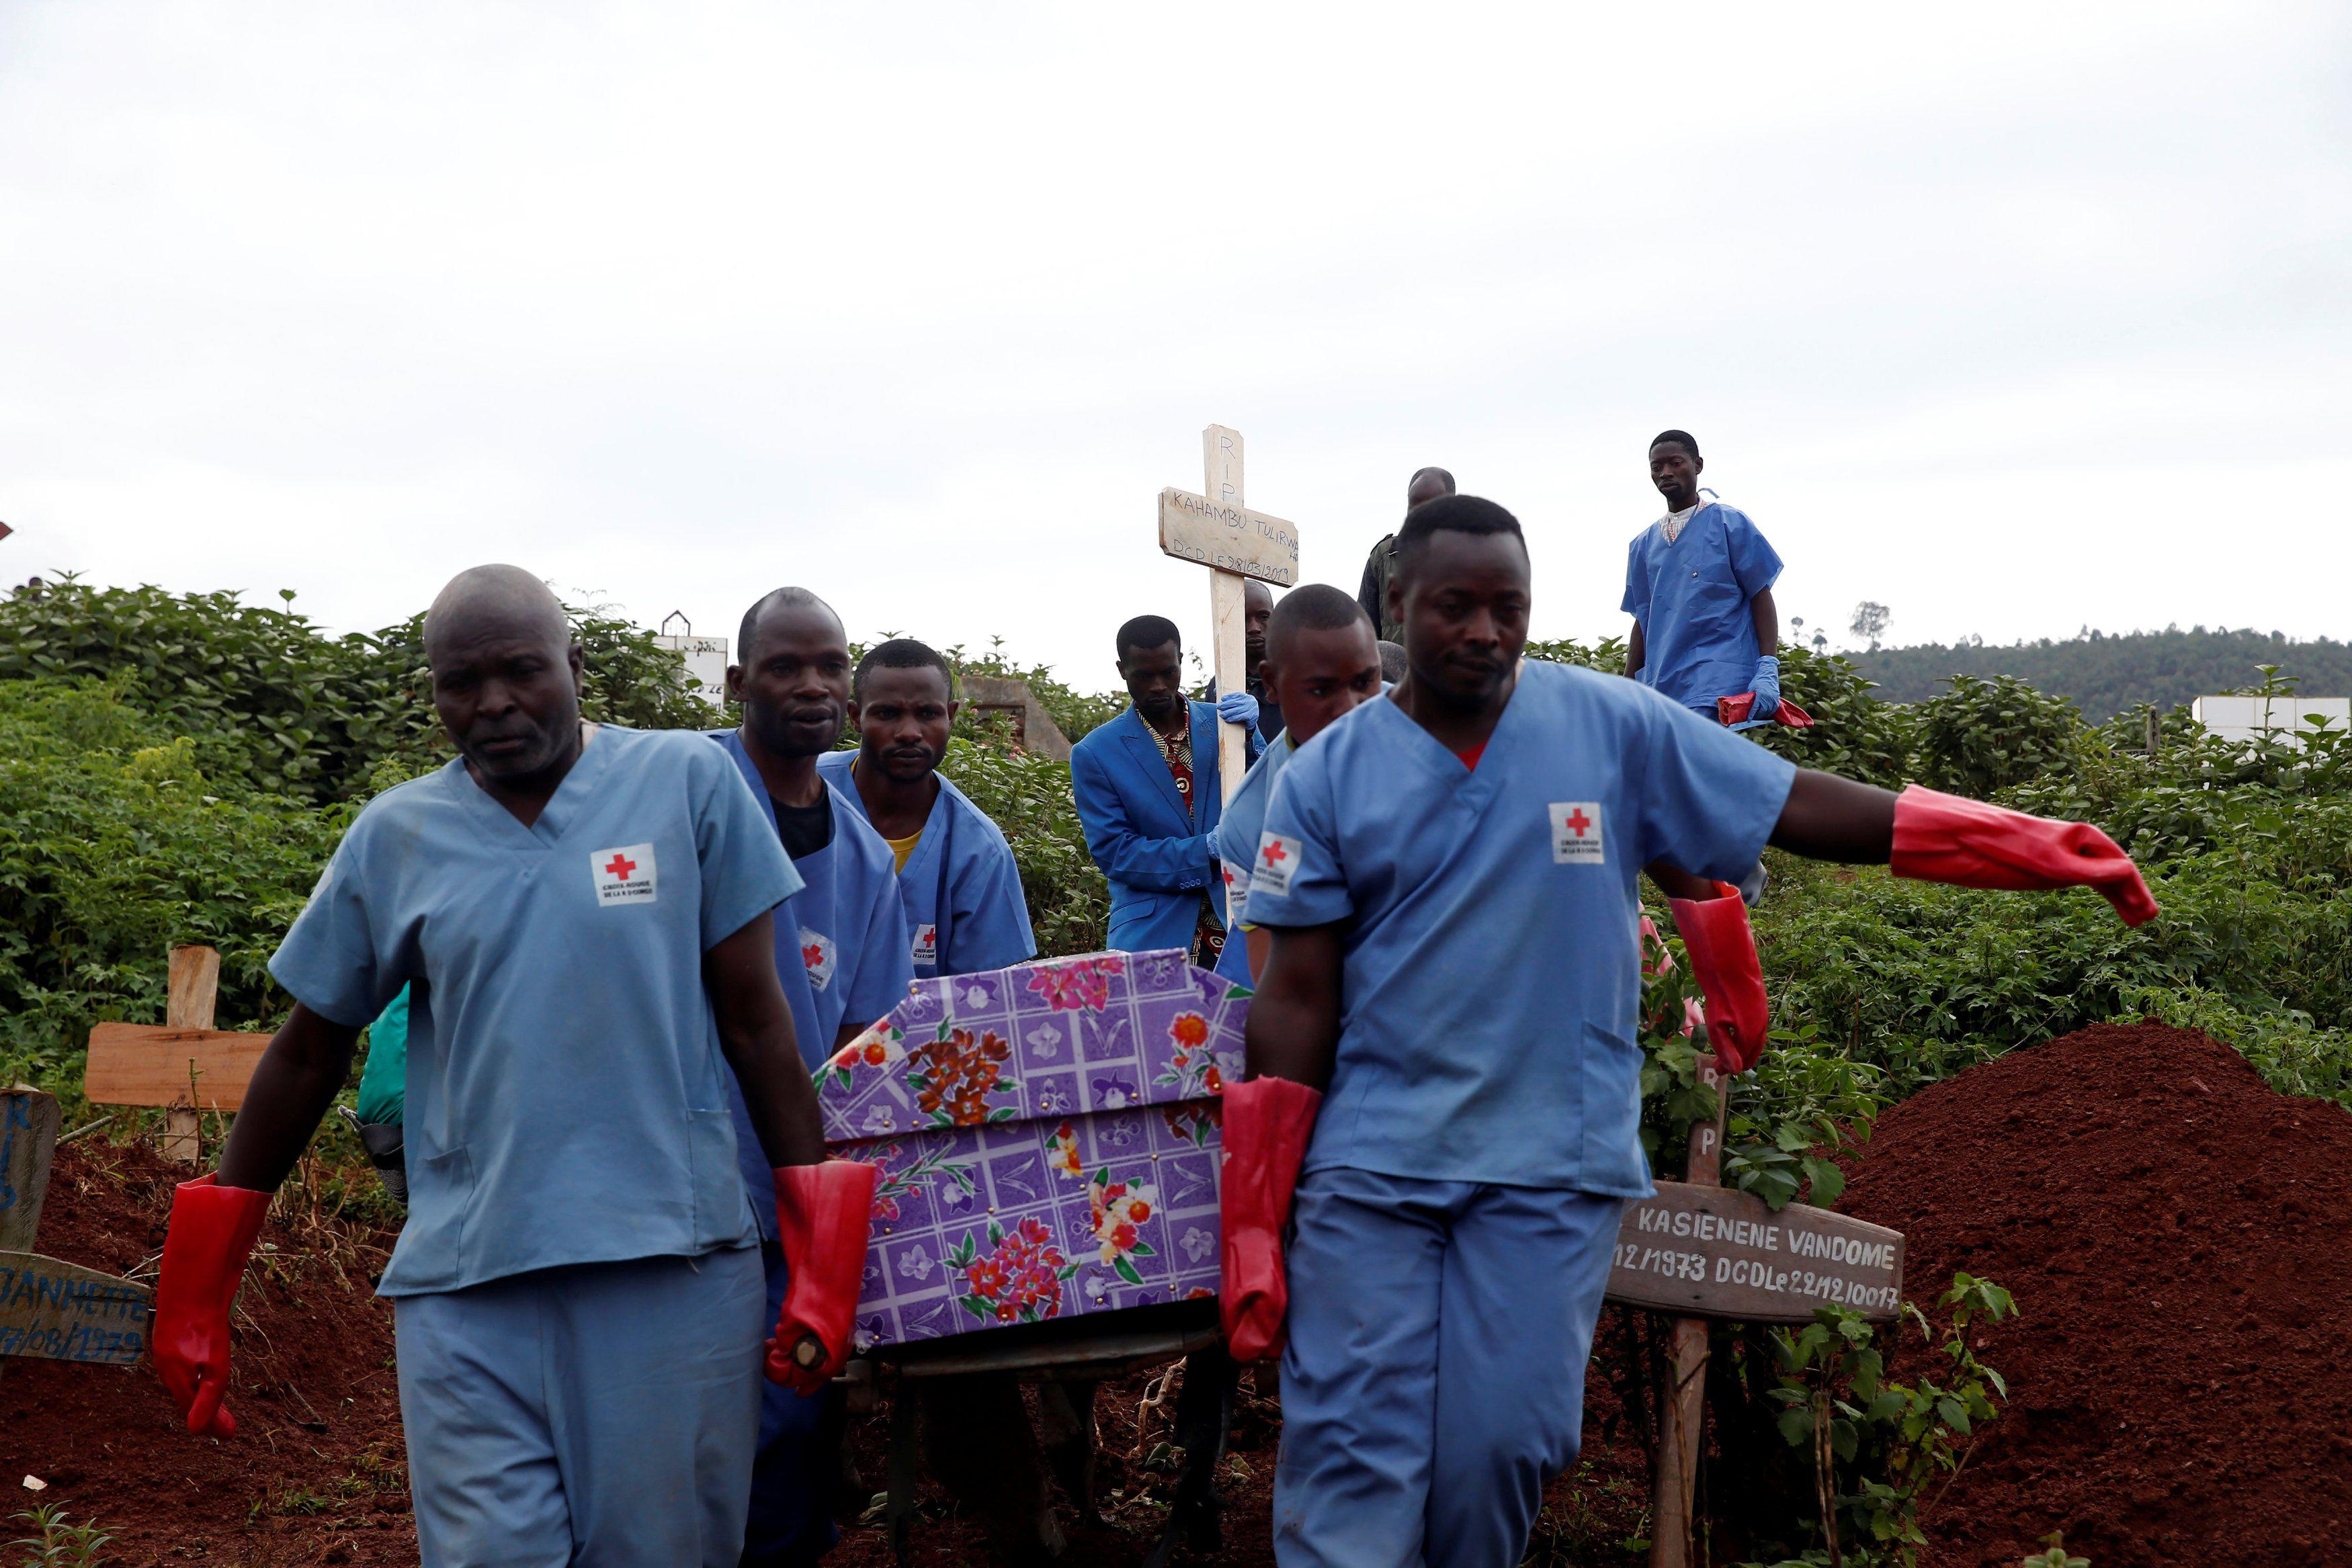 Trabajadores de la Cruz Roja llevan el ataúd de una mujer que murió de ébola para ser enterrada en un cementerio en la ciudad congoleña oriental de Butembo en la República Democrática del Congo (REUTERS/Baz Ratner)